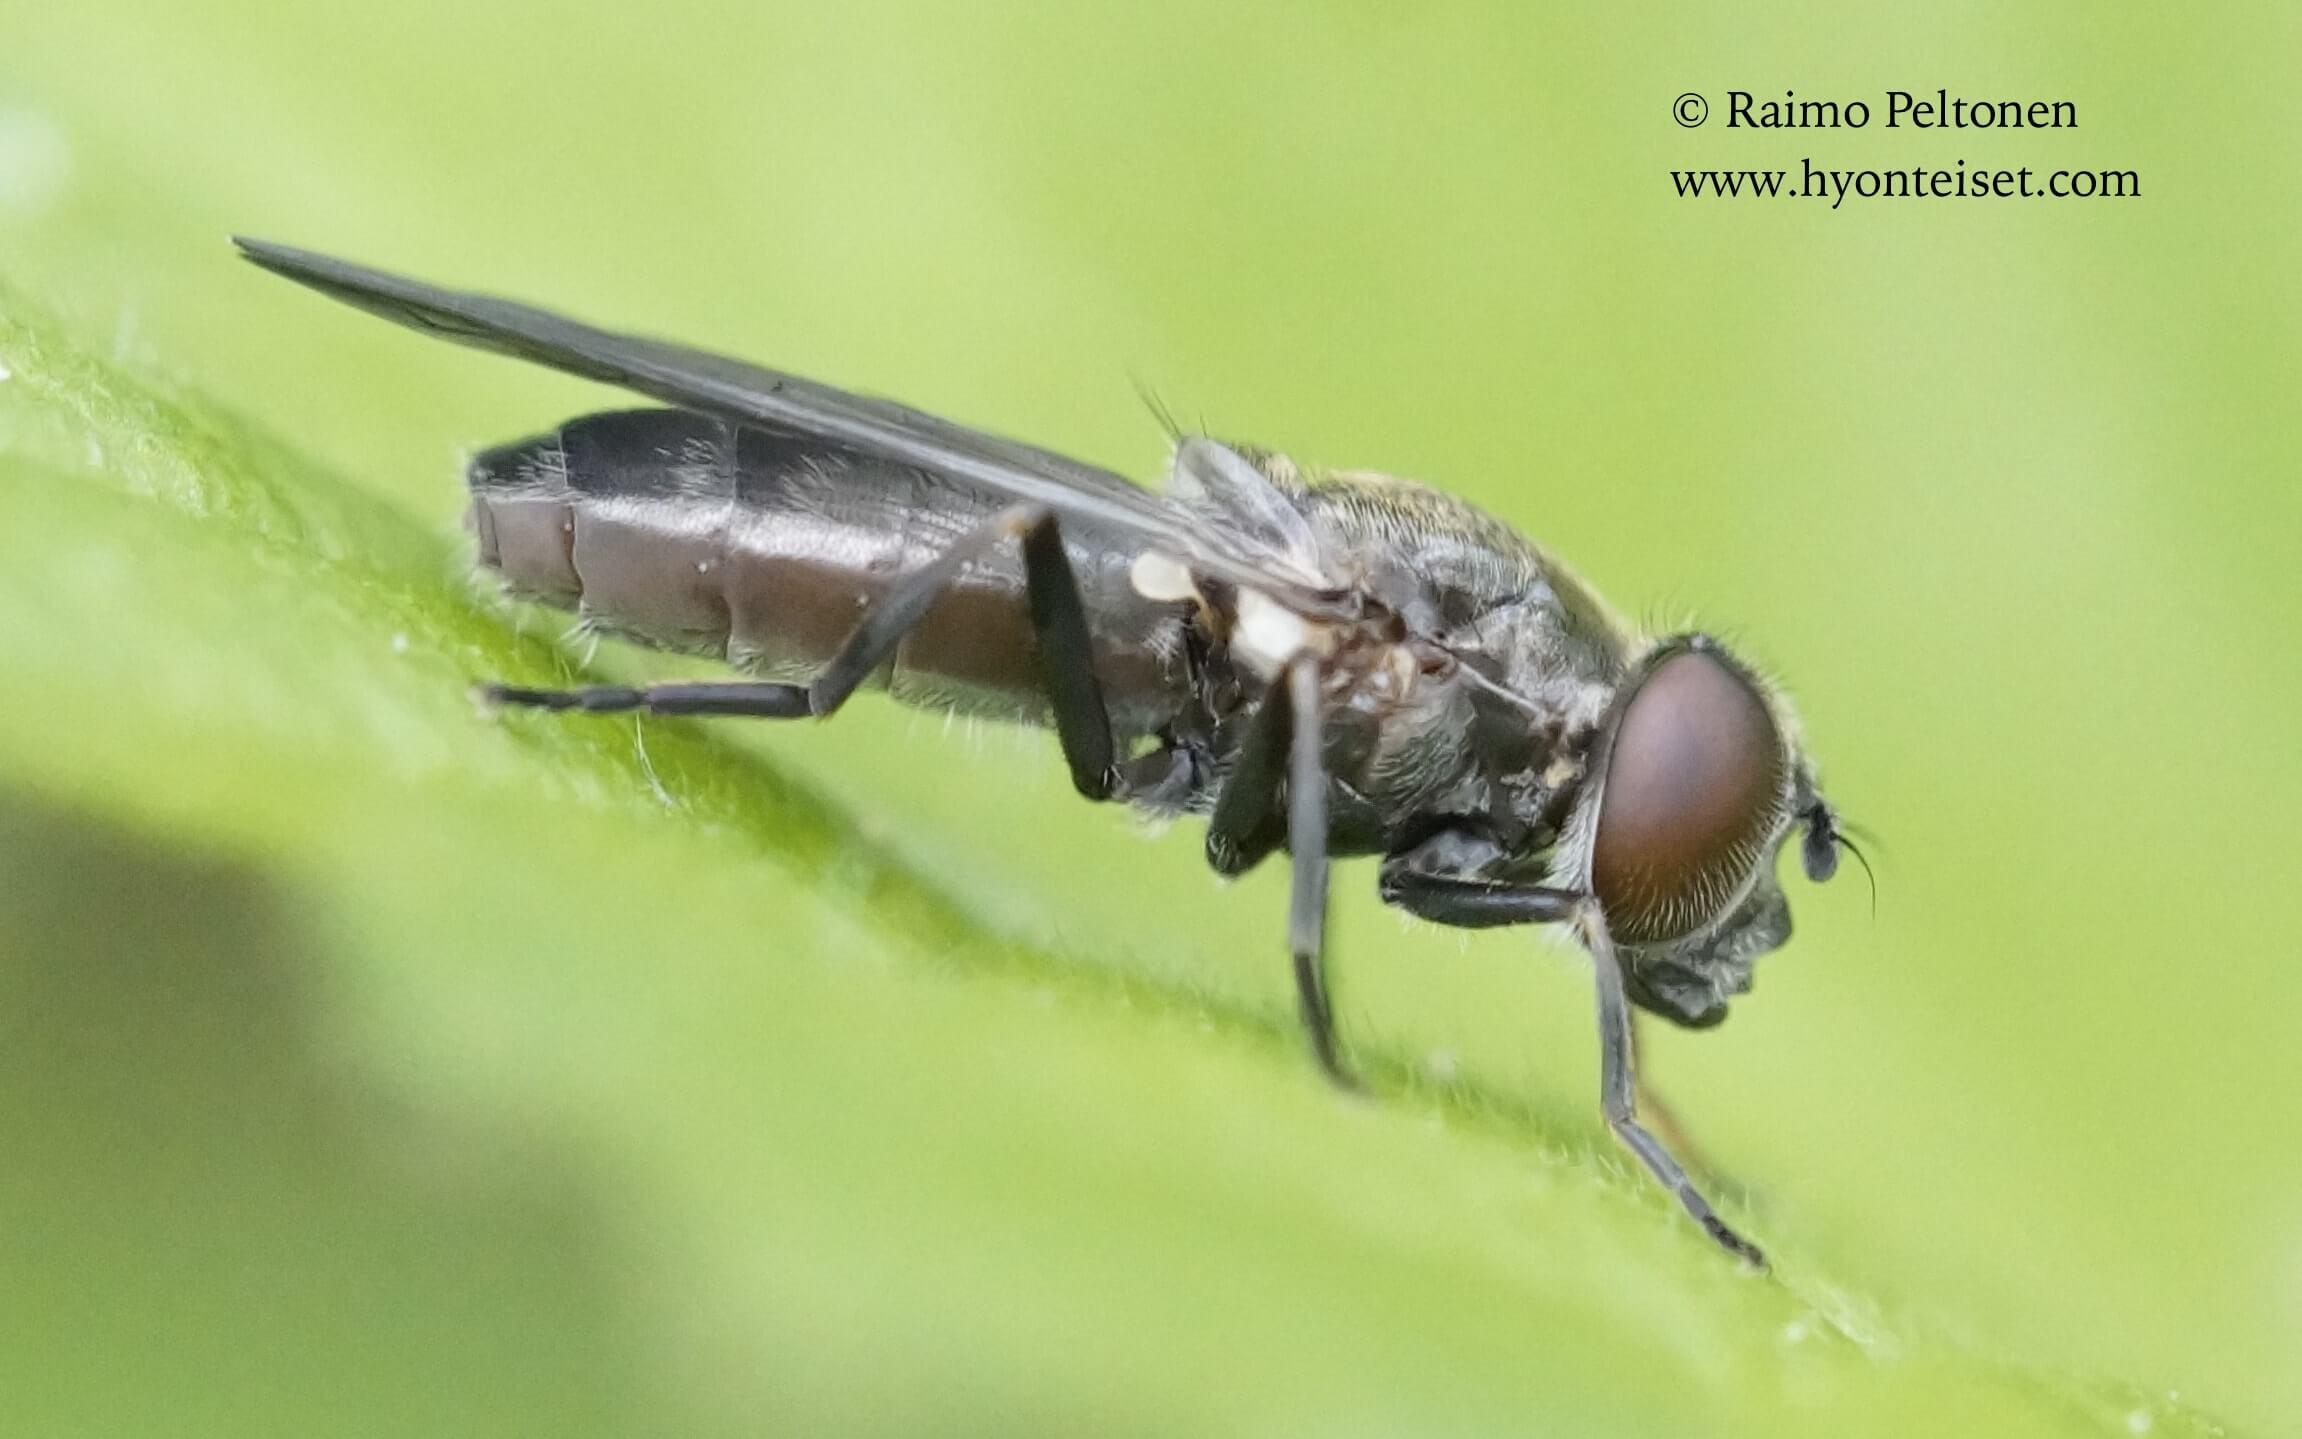 Cheilosia variabilis-isopartakeilanen, naaras (det. Antti Haarto), 13.6.2017 Jyväskylä